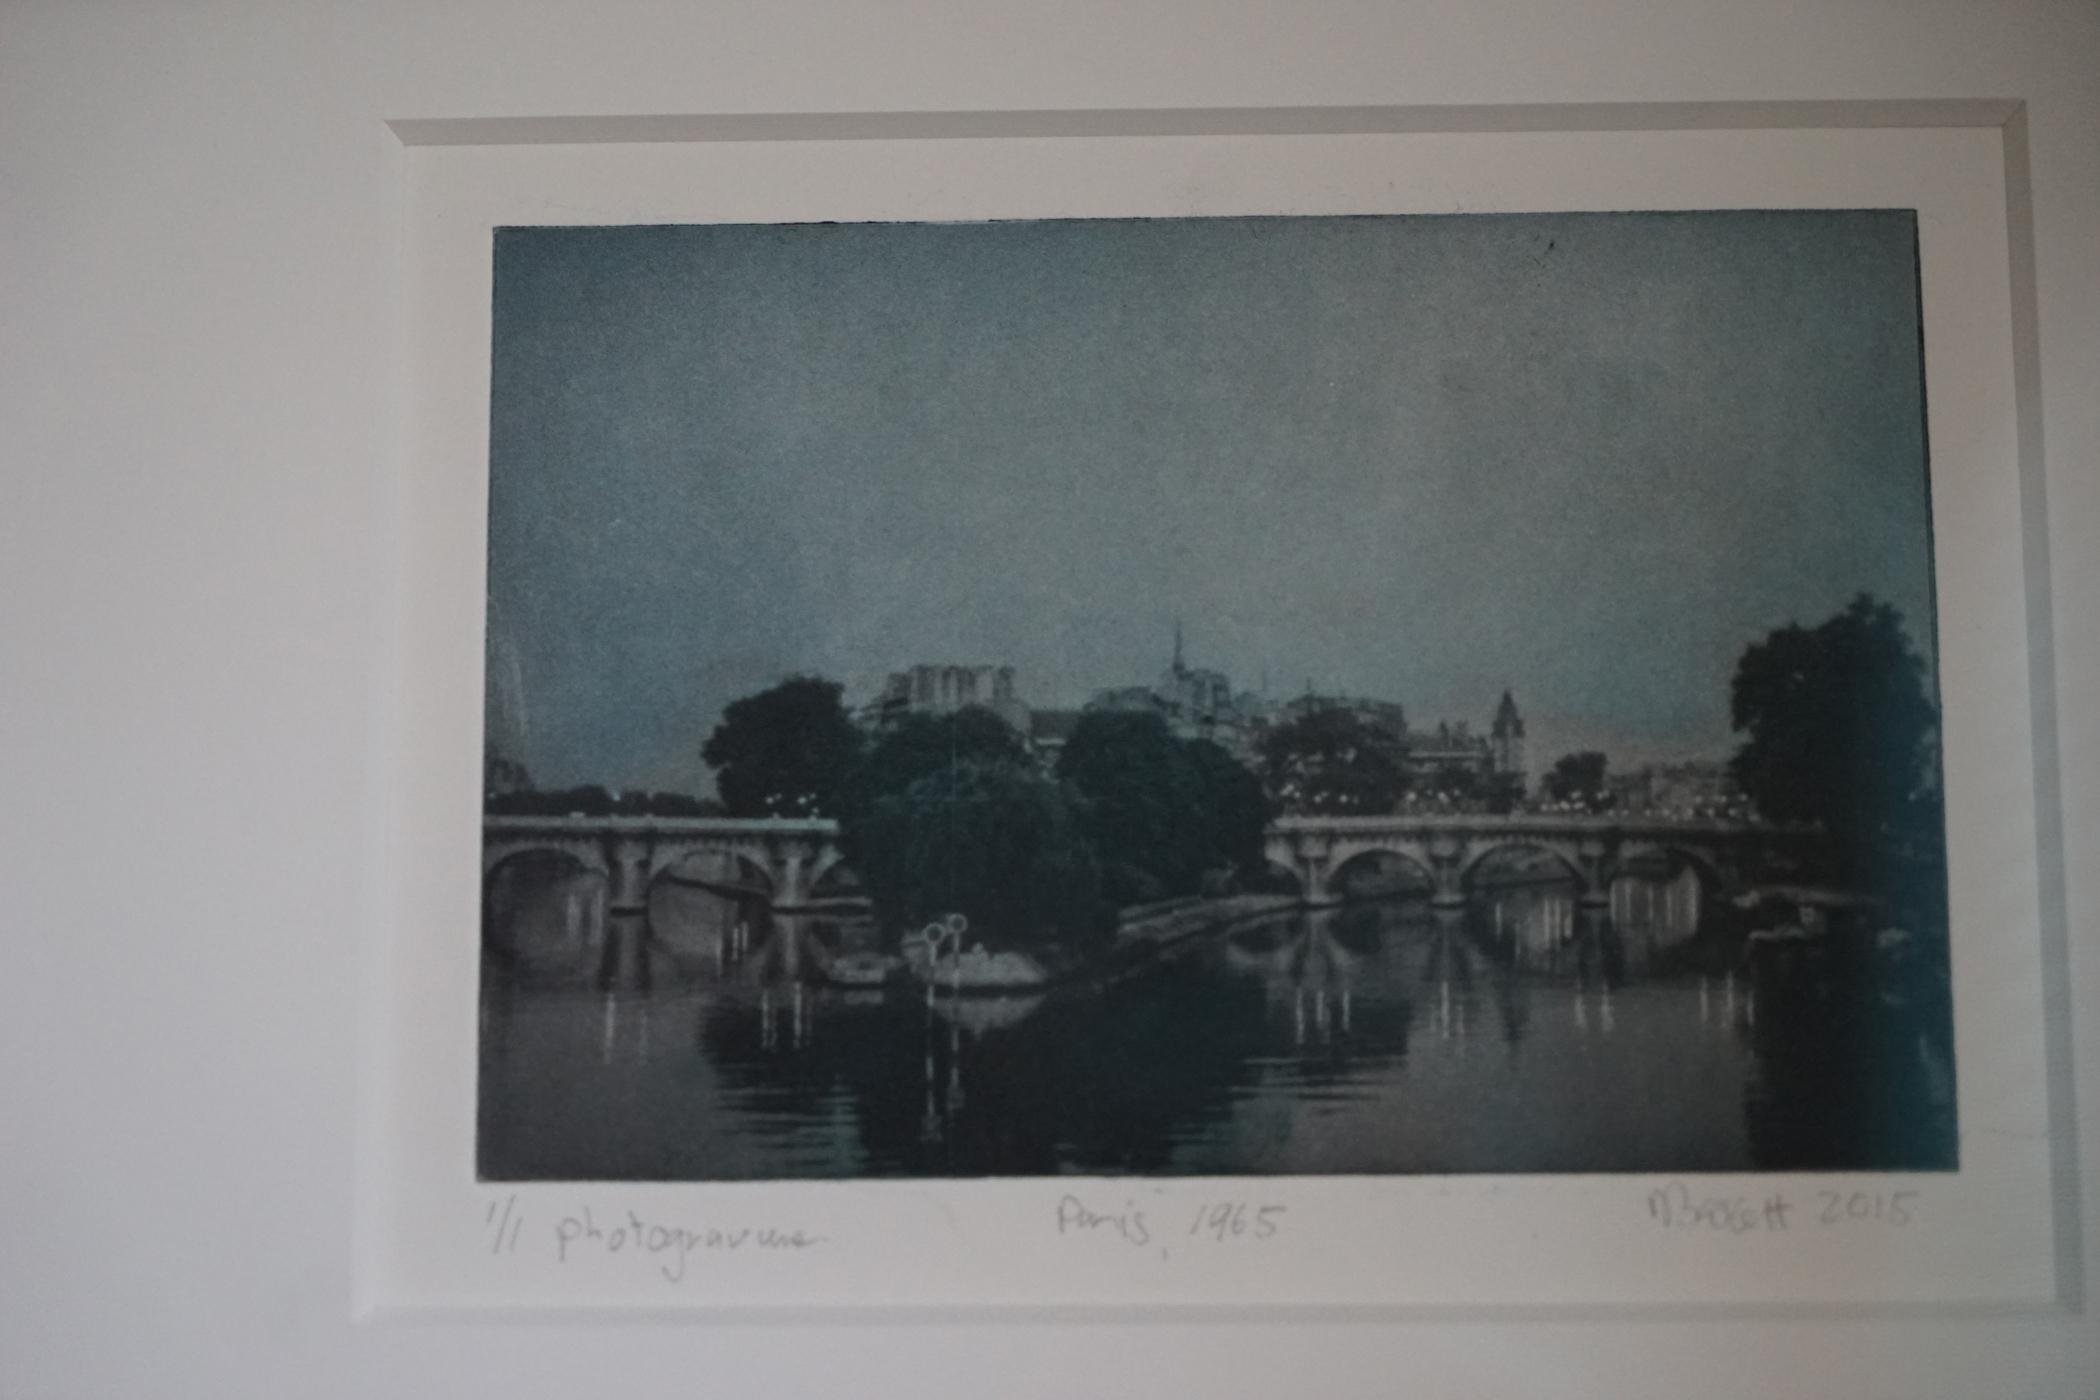 Paris, 1965, printed 2015